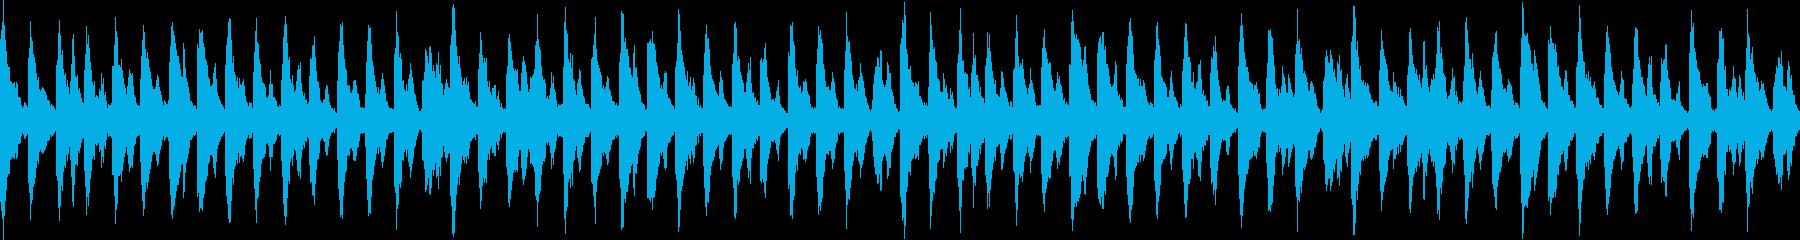 やる気を起こさせるストリングス曲・ループの再生済みの波形